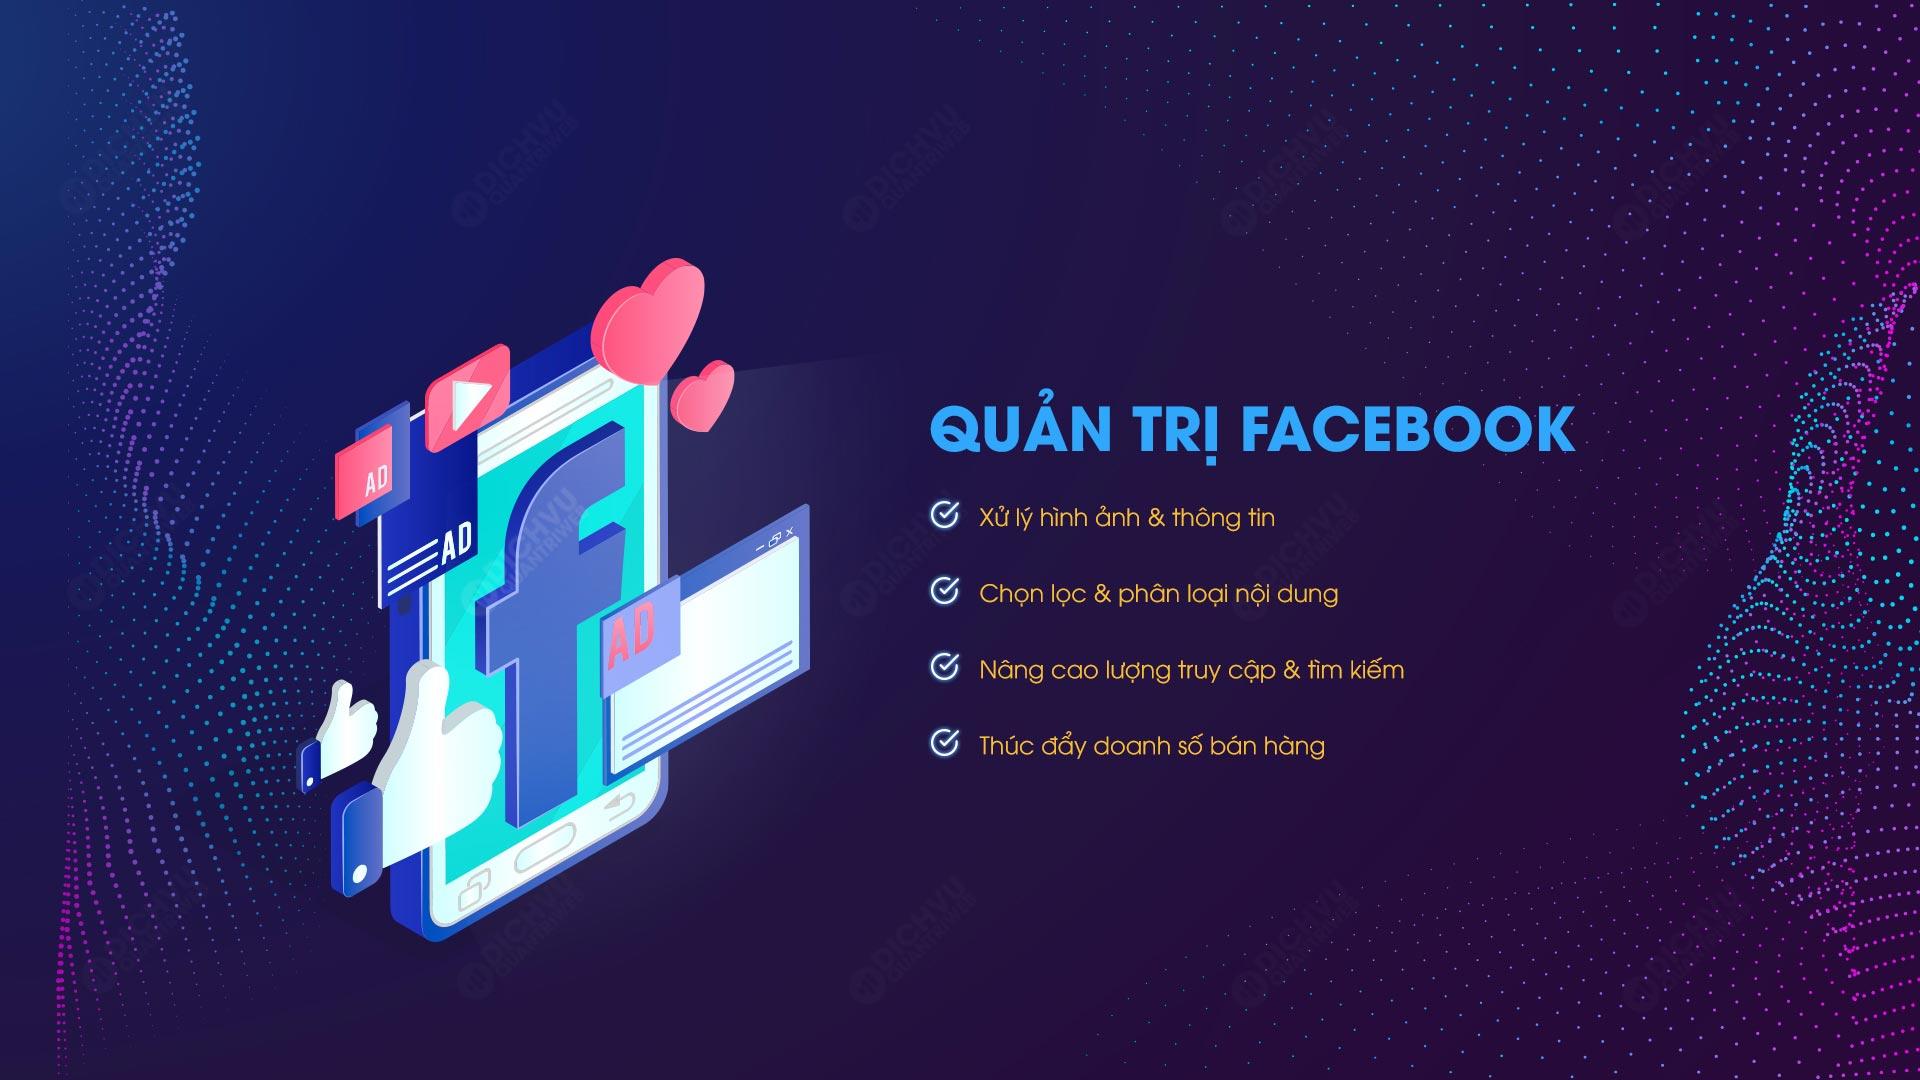 quantrifacebook-dichvuquantriweb